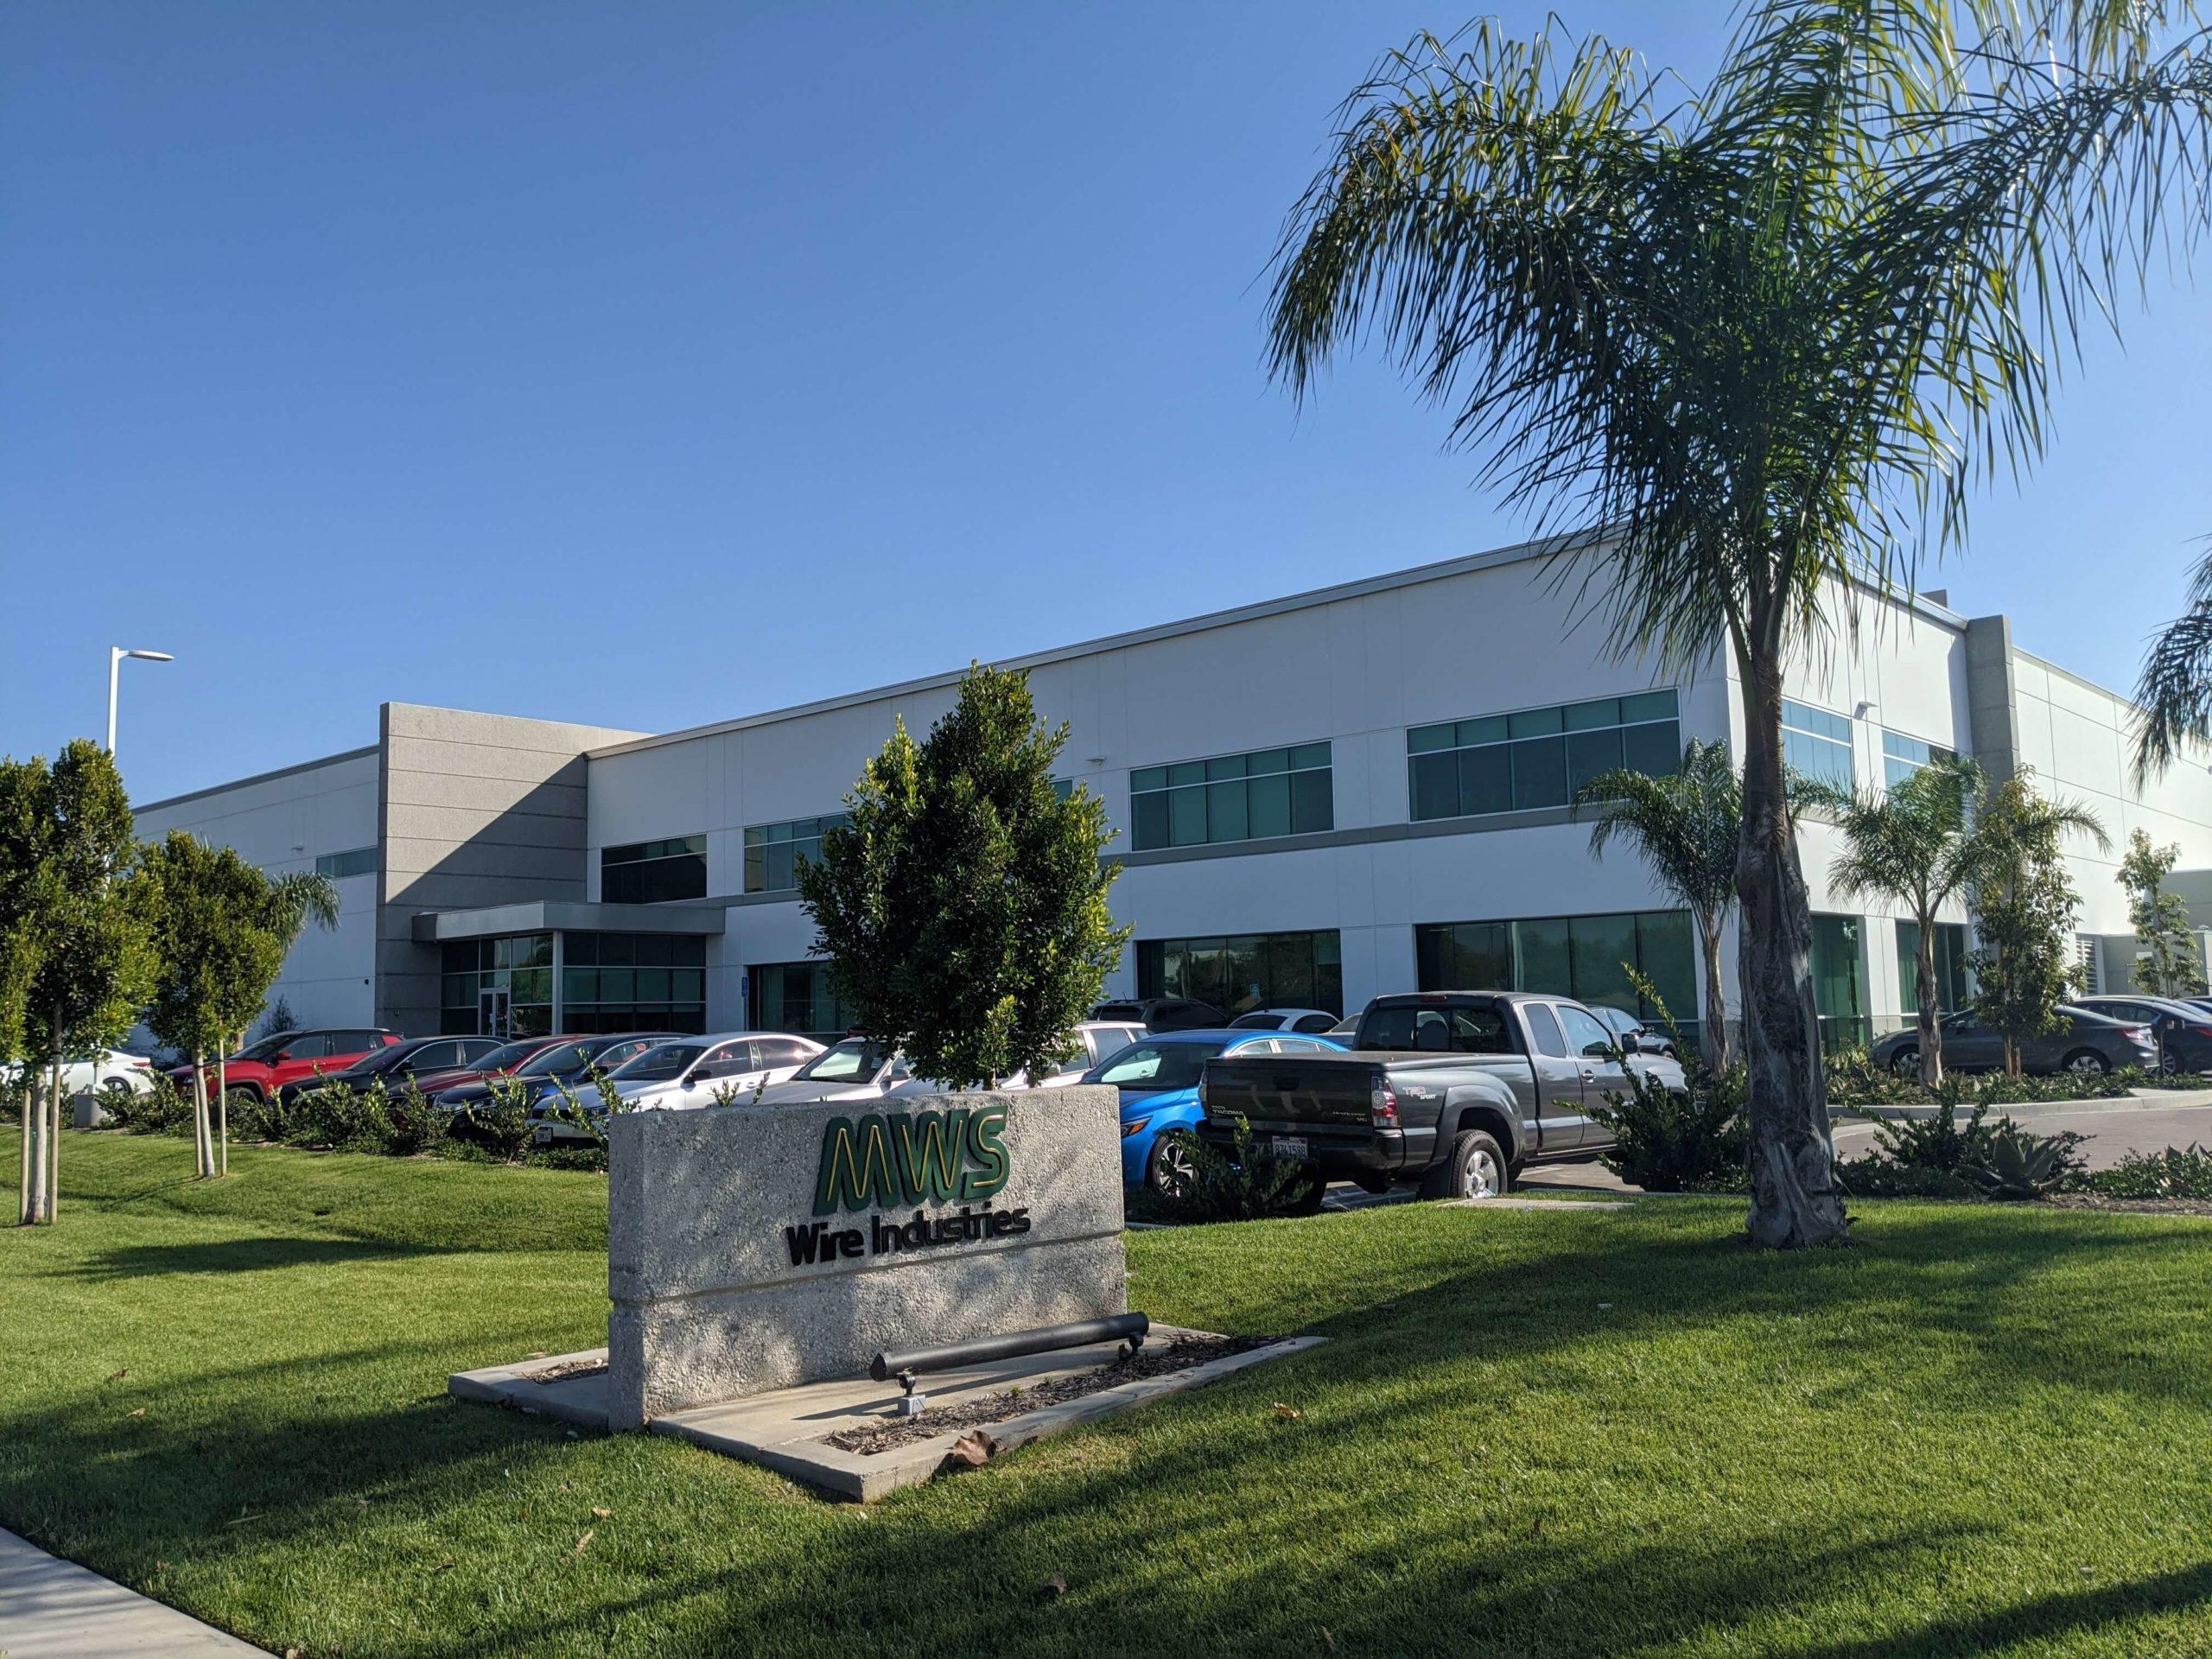 MWS Wire Industries HQ